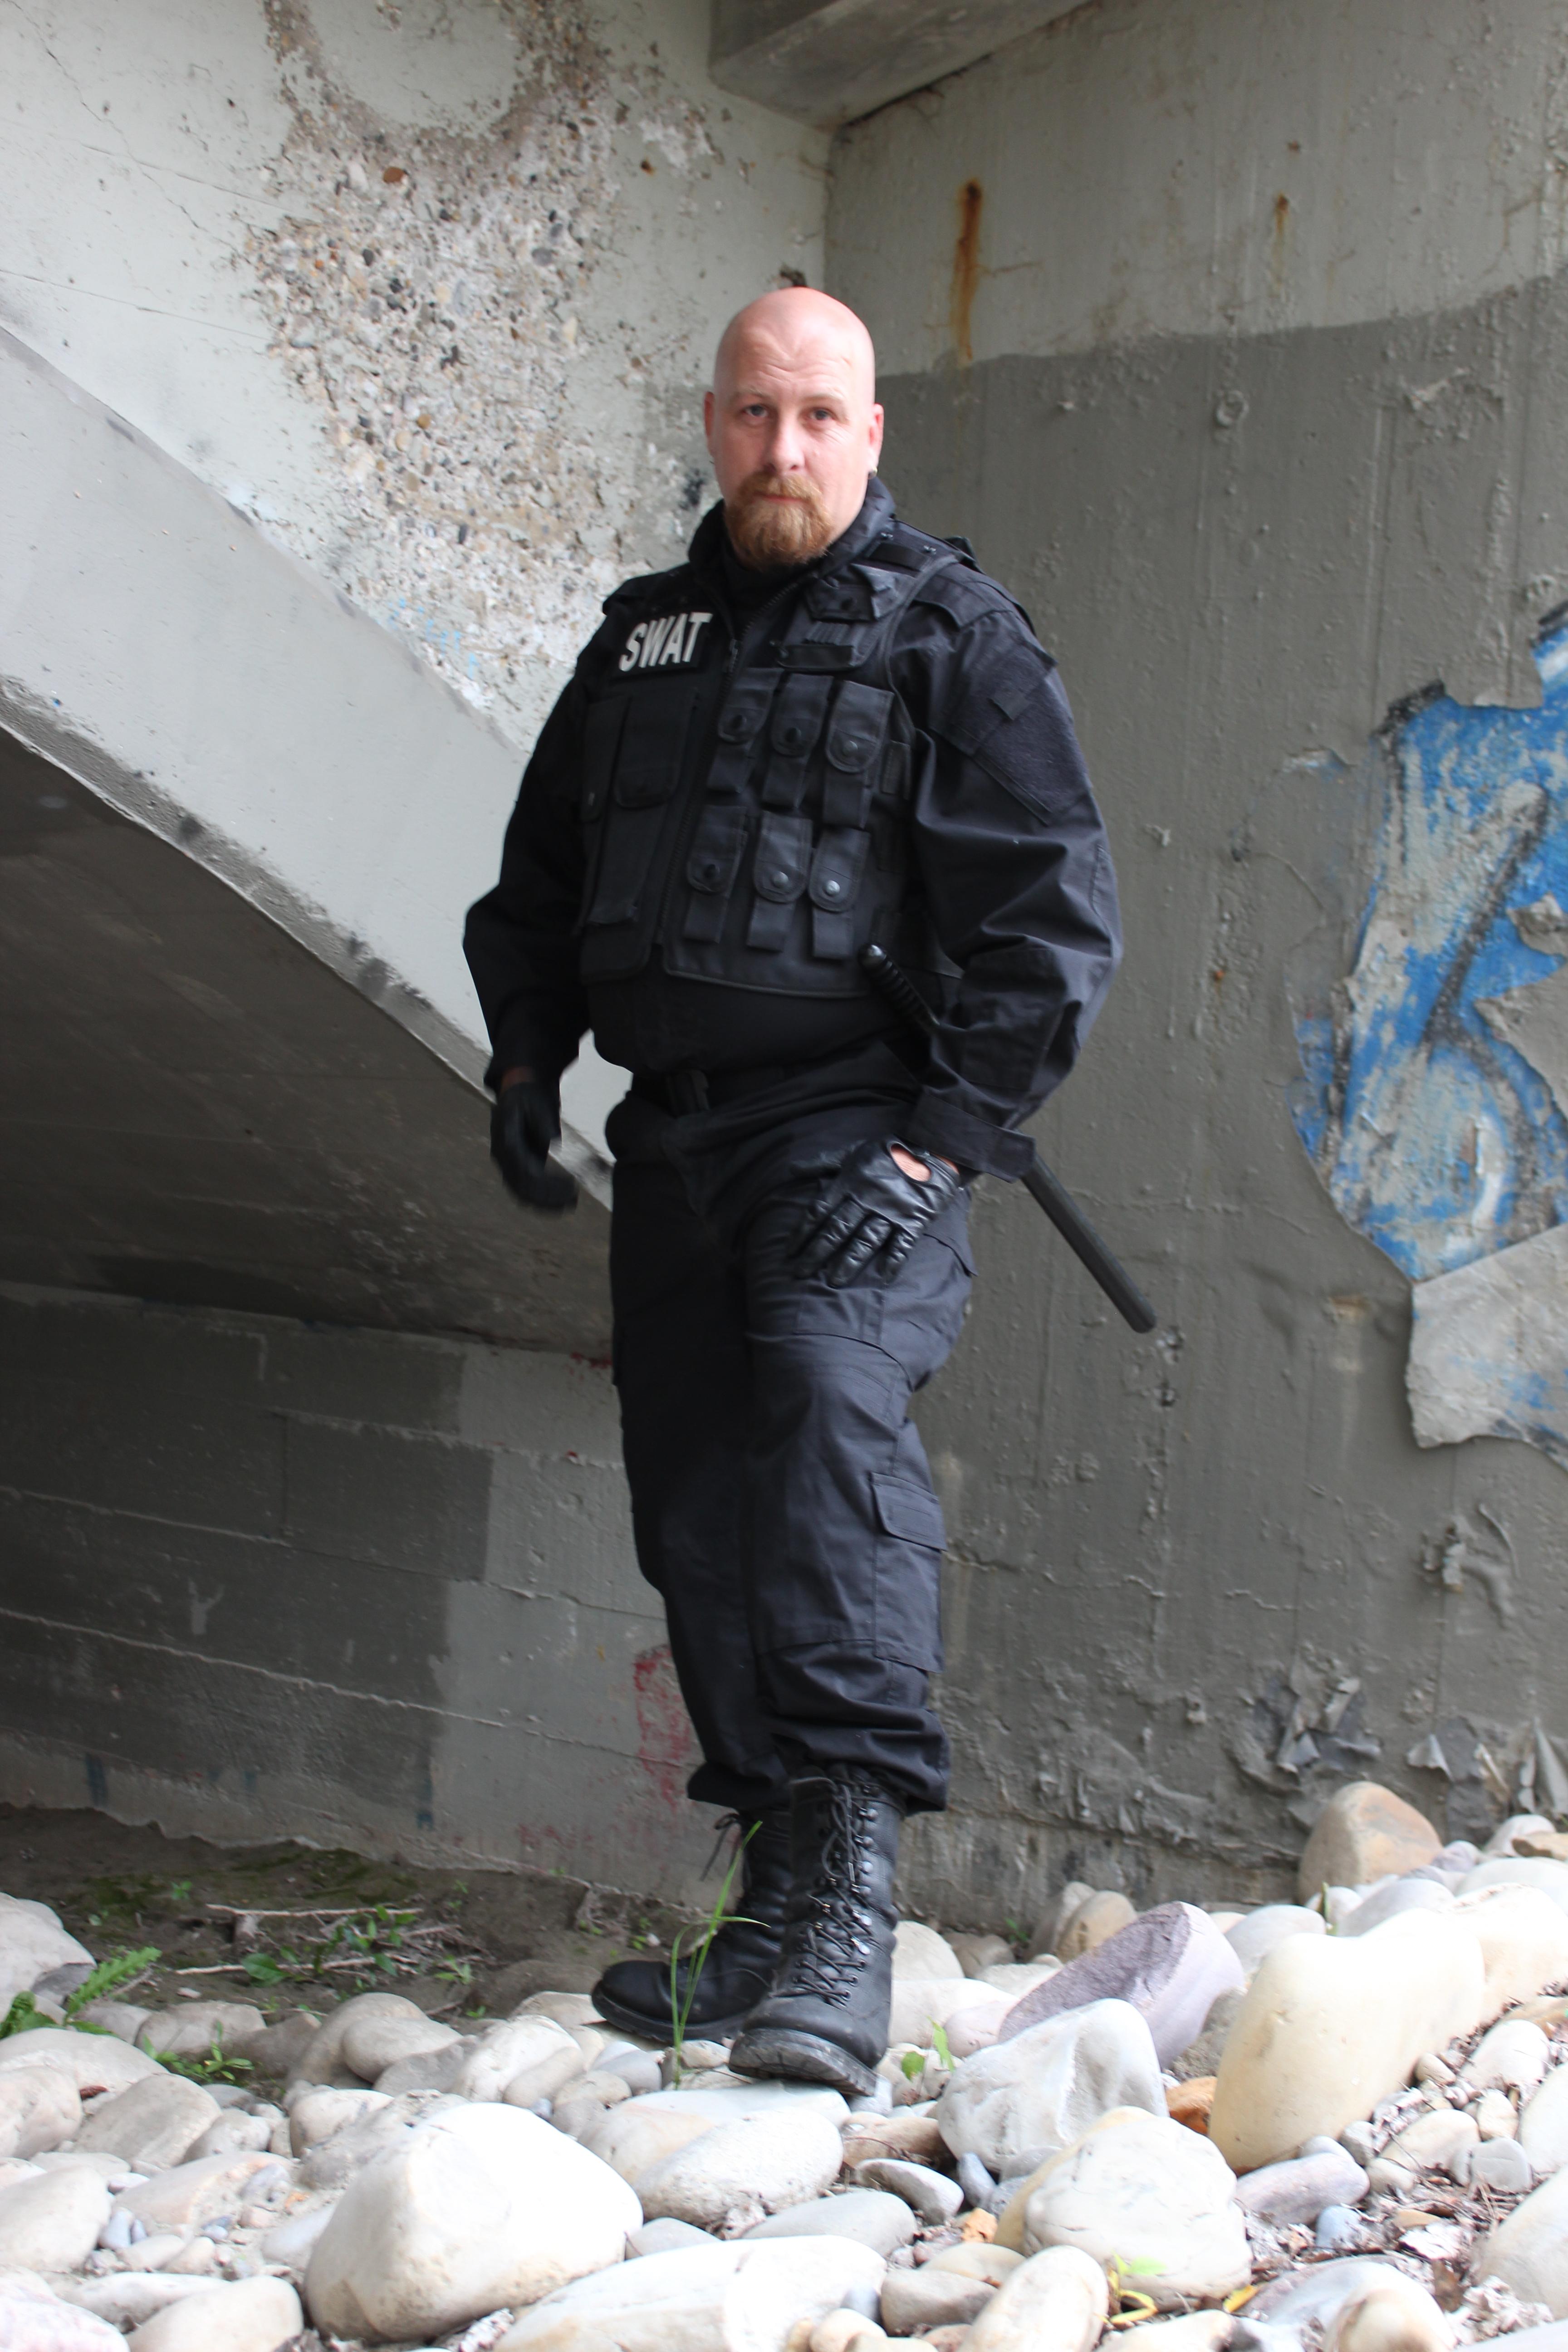 Uniforms006